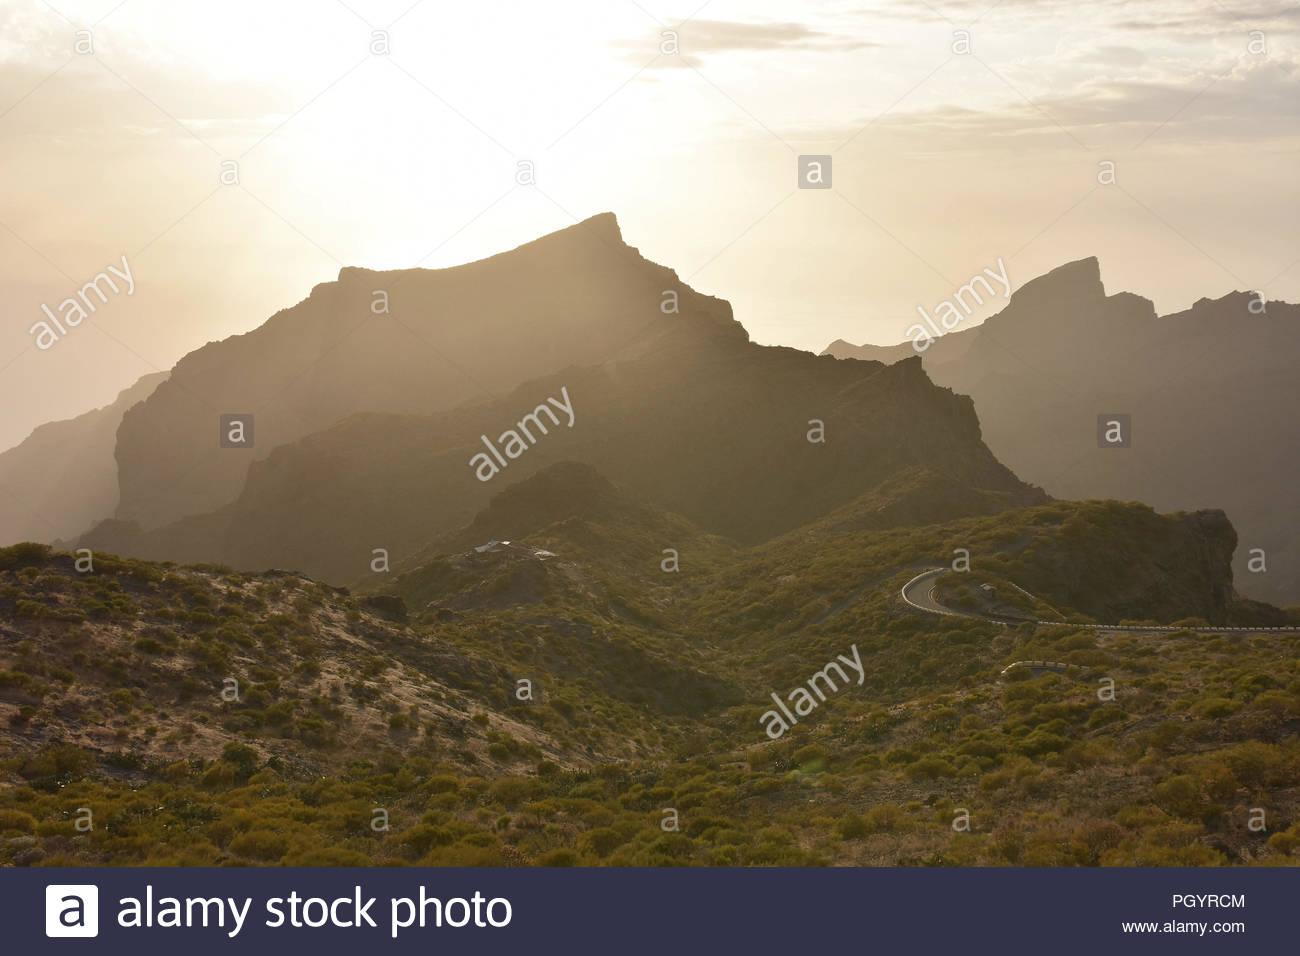 Den Berg Macizo de Teno - Sonne hinter vulkanischen Gipfeln der Teno-gebirge im Nordwesten von Teneriffa Kanarische Inseln Spanien. Stockbild